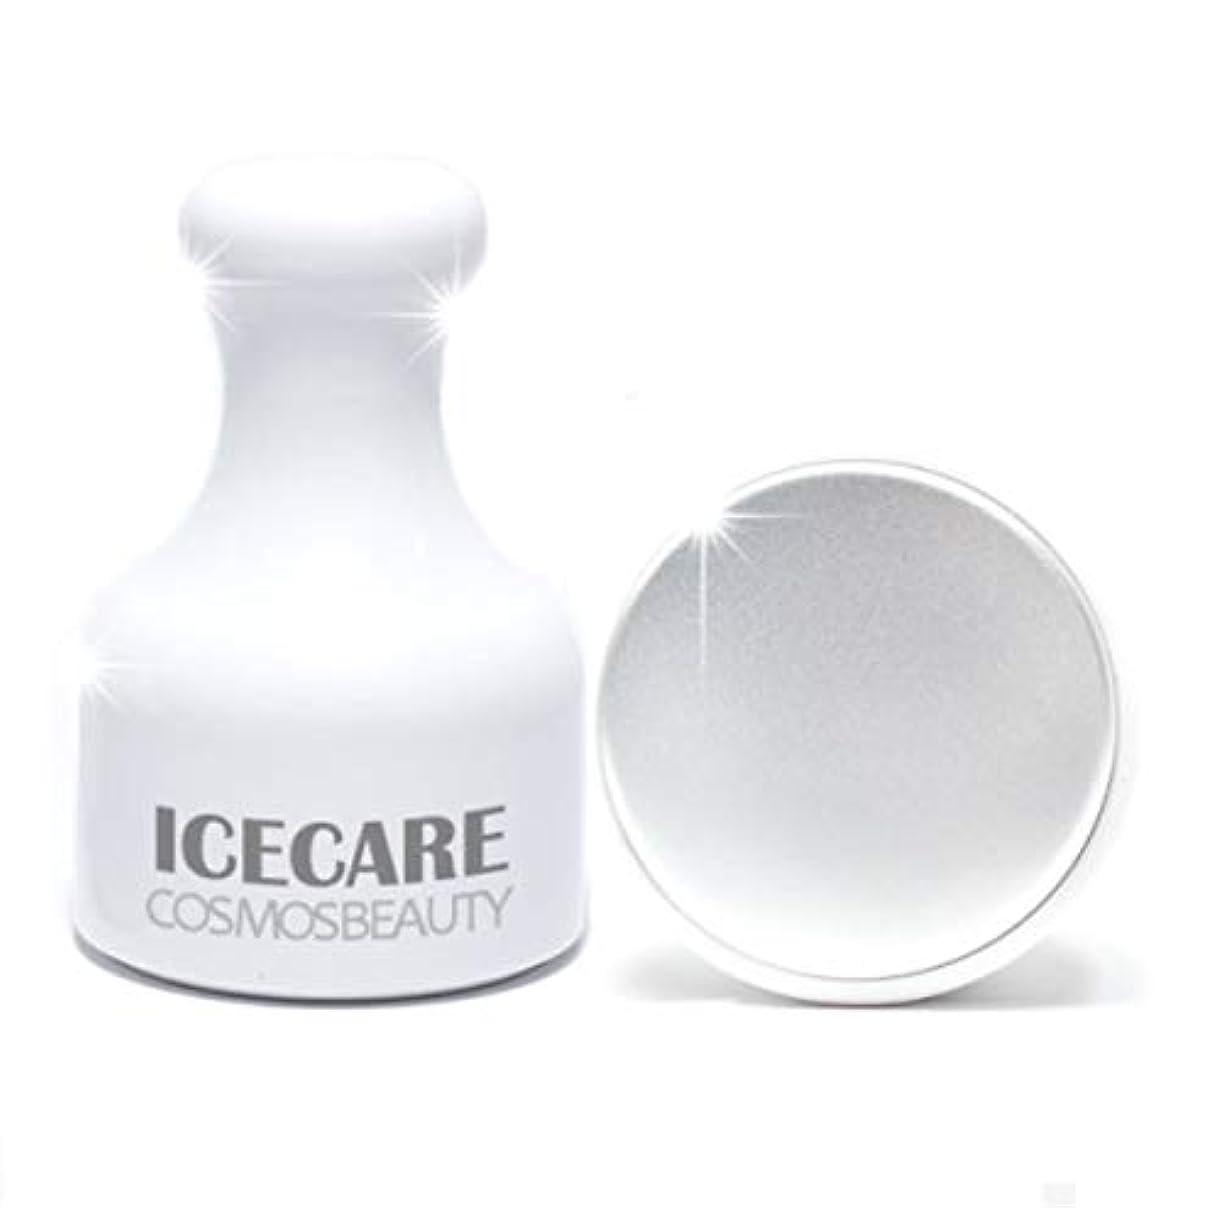 エッセンス膨らませる分割Cosmosbeauty Ice Care 毛穴ケア、冷マッサージ,フェイスクーラーアイスローラーフェイスローラー顔マッサージ機構の腫れ抜き方法毛穴縮小(海外直送品)